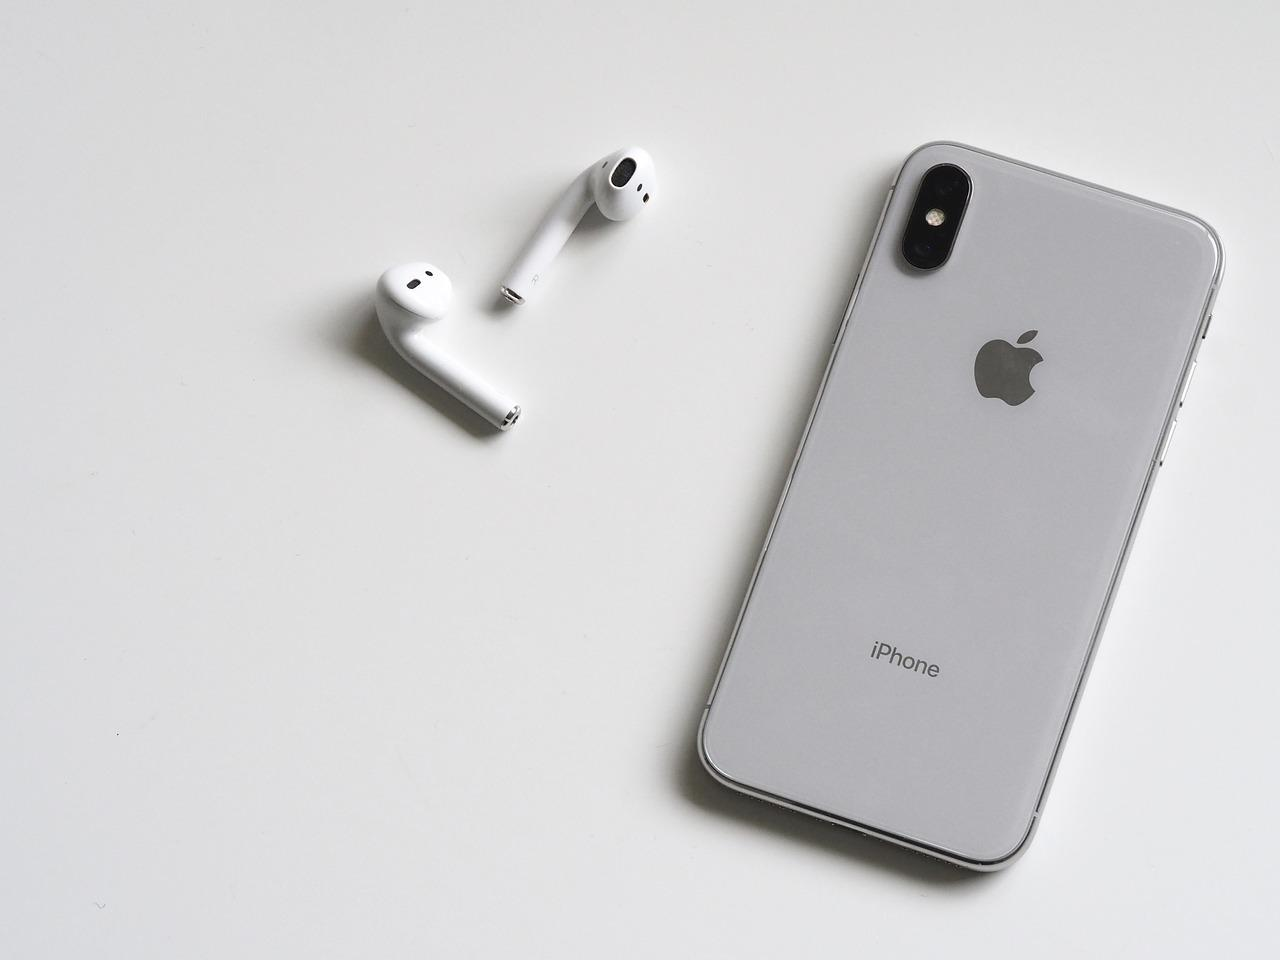 L'iPhone 12, deux nouvelles montres Apple et des écouteurs AirPods supra-auriculaires à l'automne, selon Bloomberg